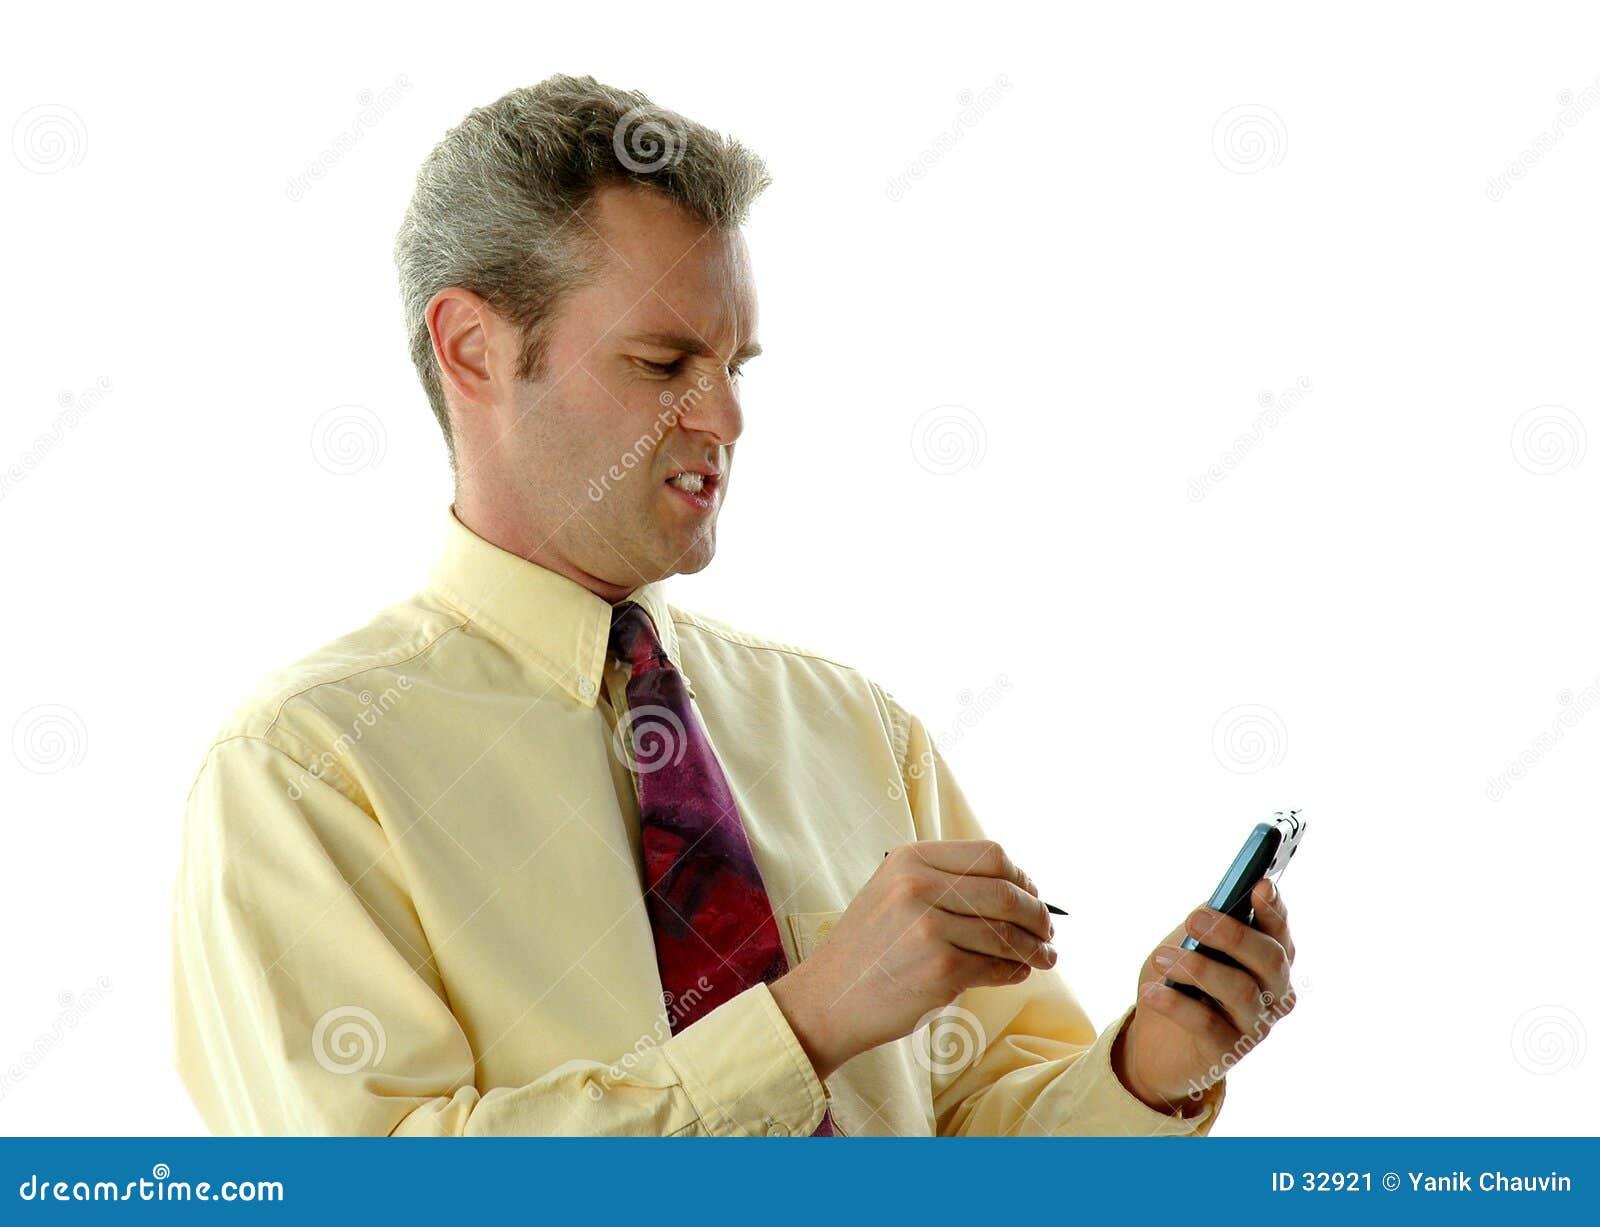 Download Hombre de negocios enojado imagen de archivo. Imagen de amarillo - 32921